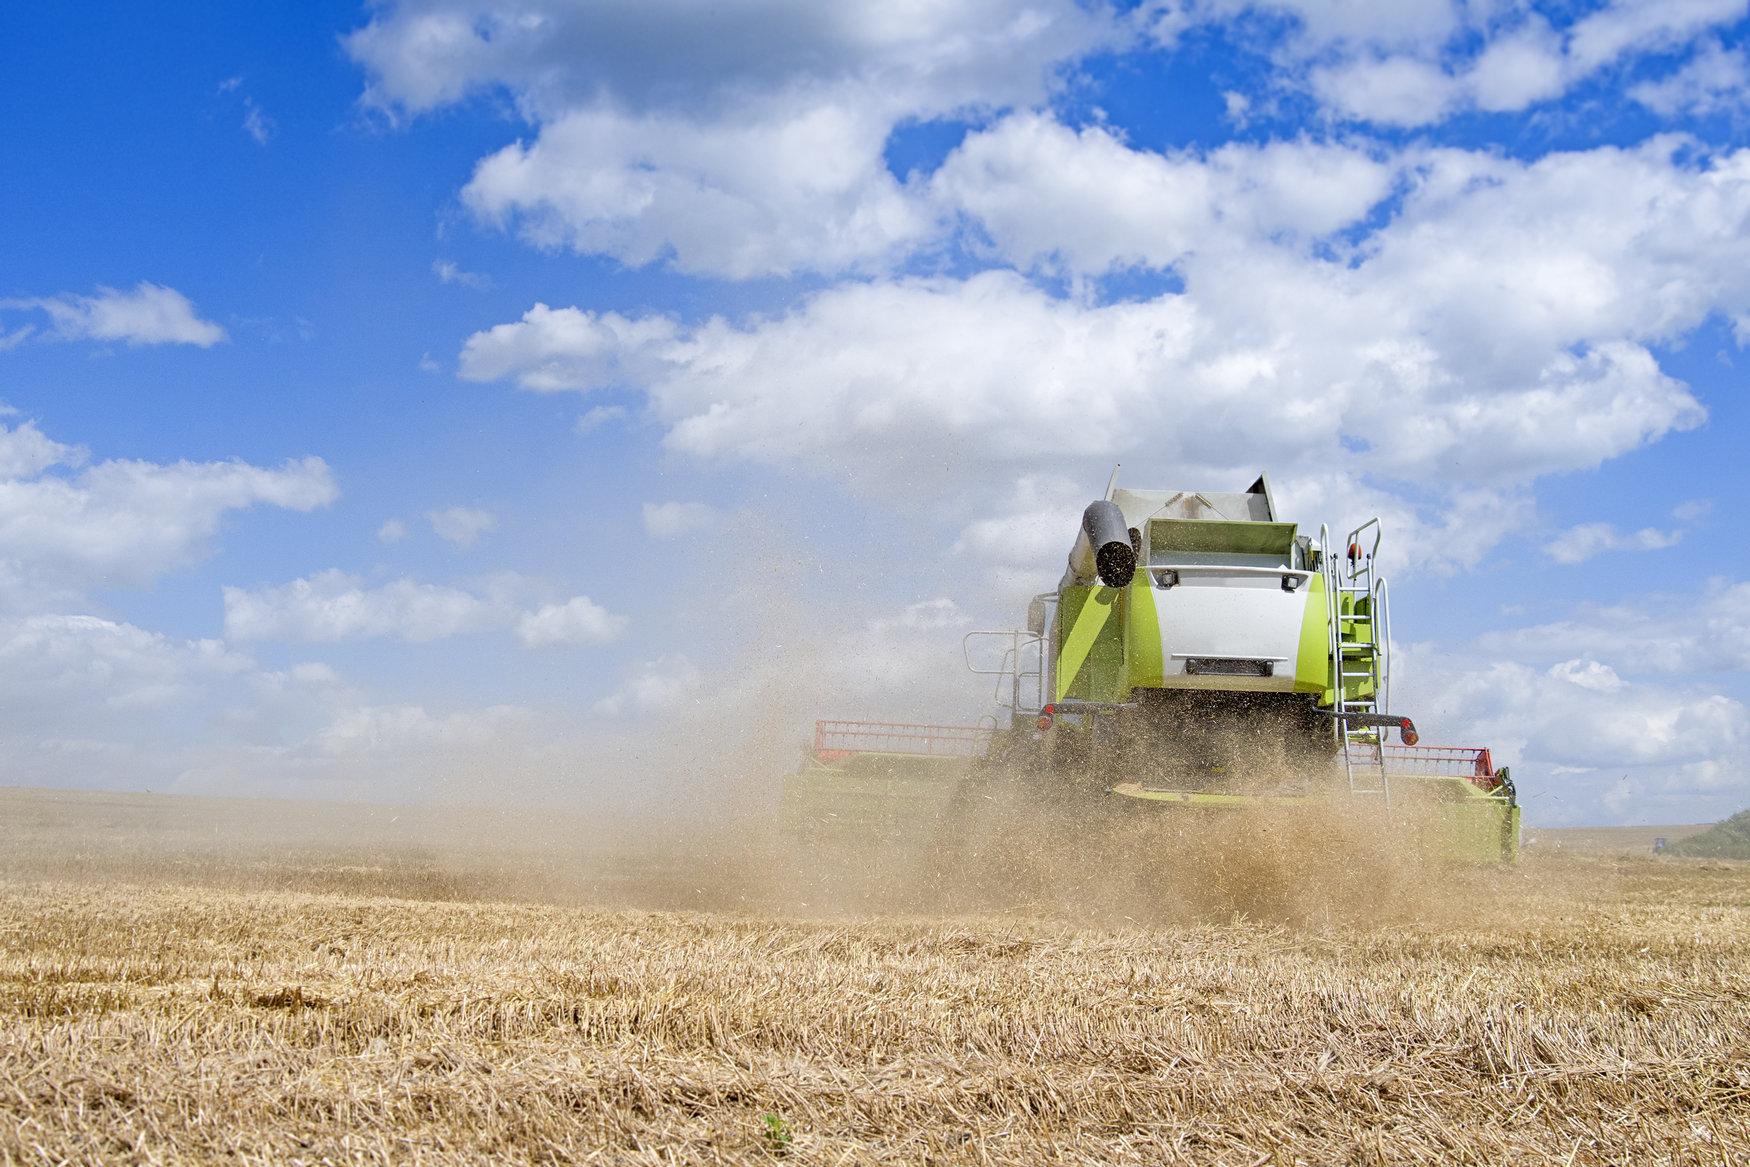 awaria maszyn rolniczych